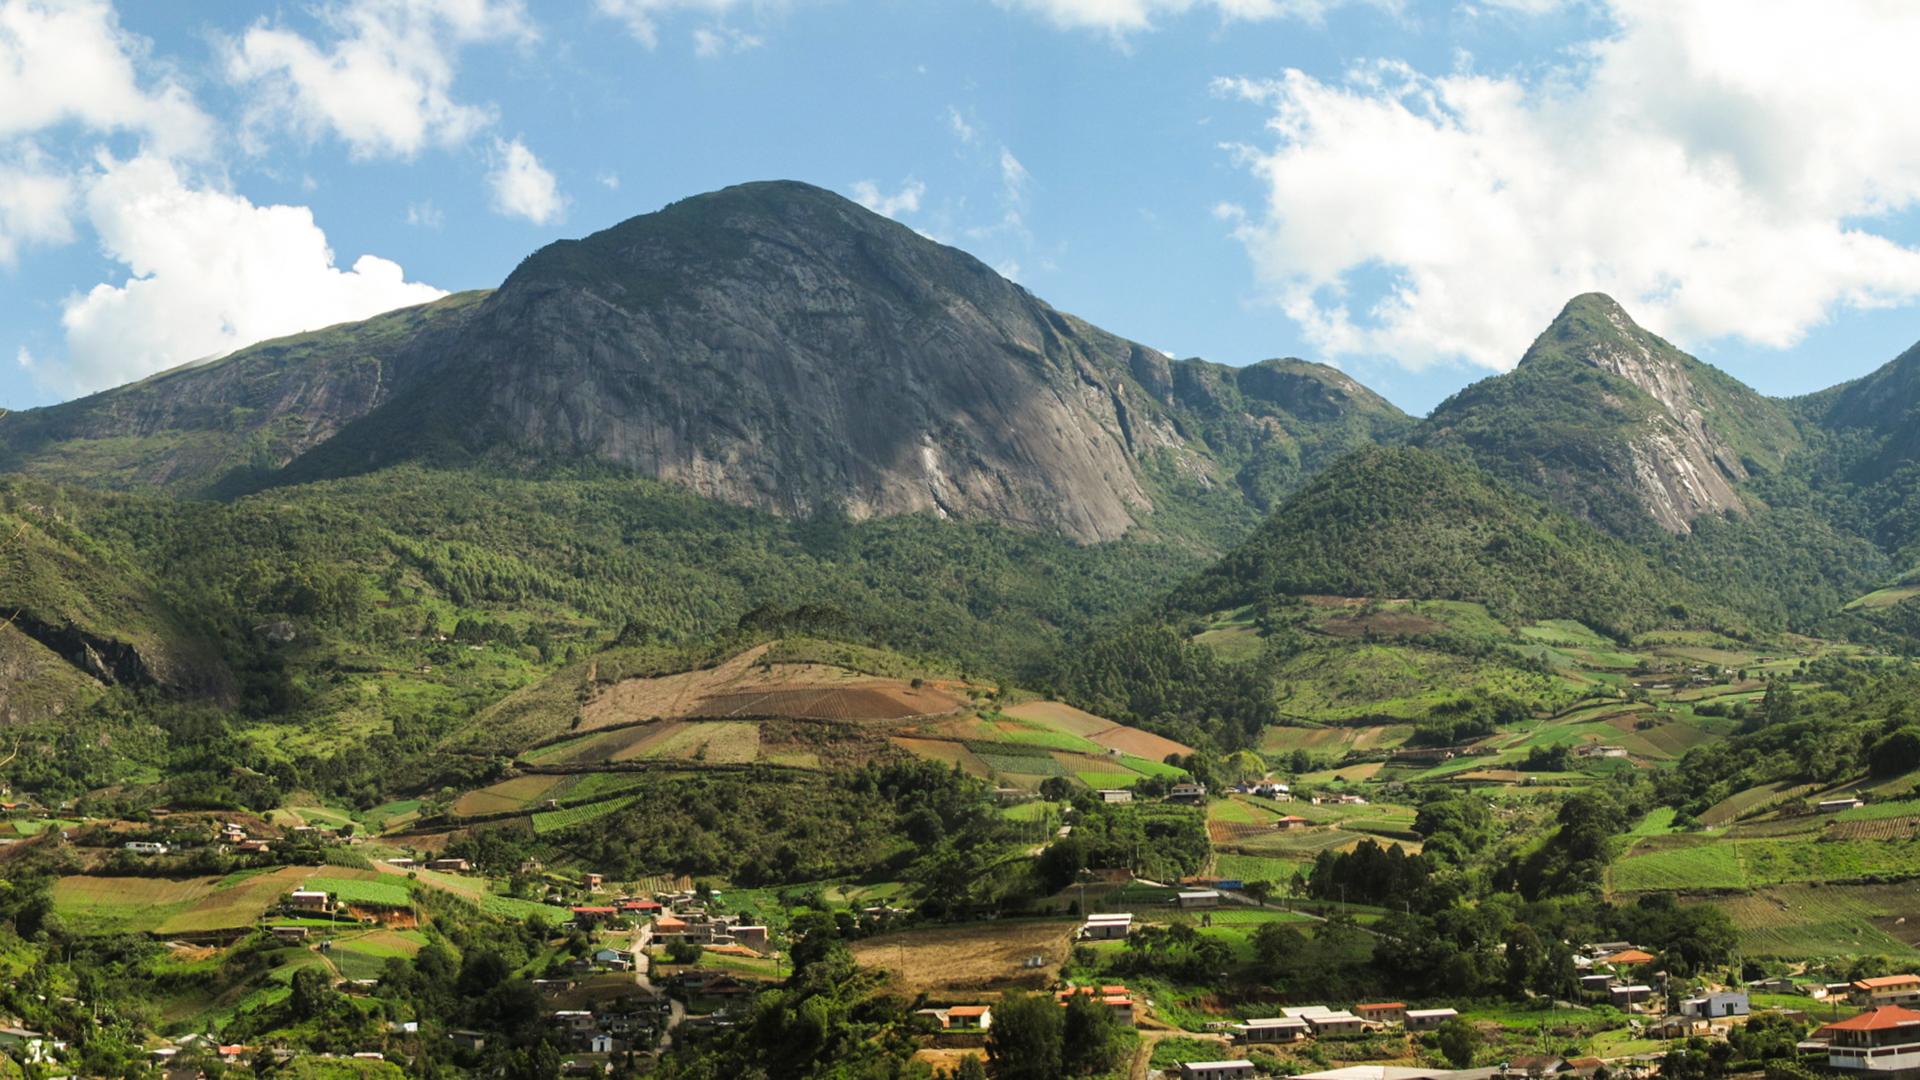 Rural area of Rio de Janeiro, Brazil